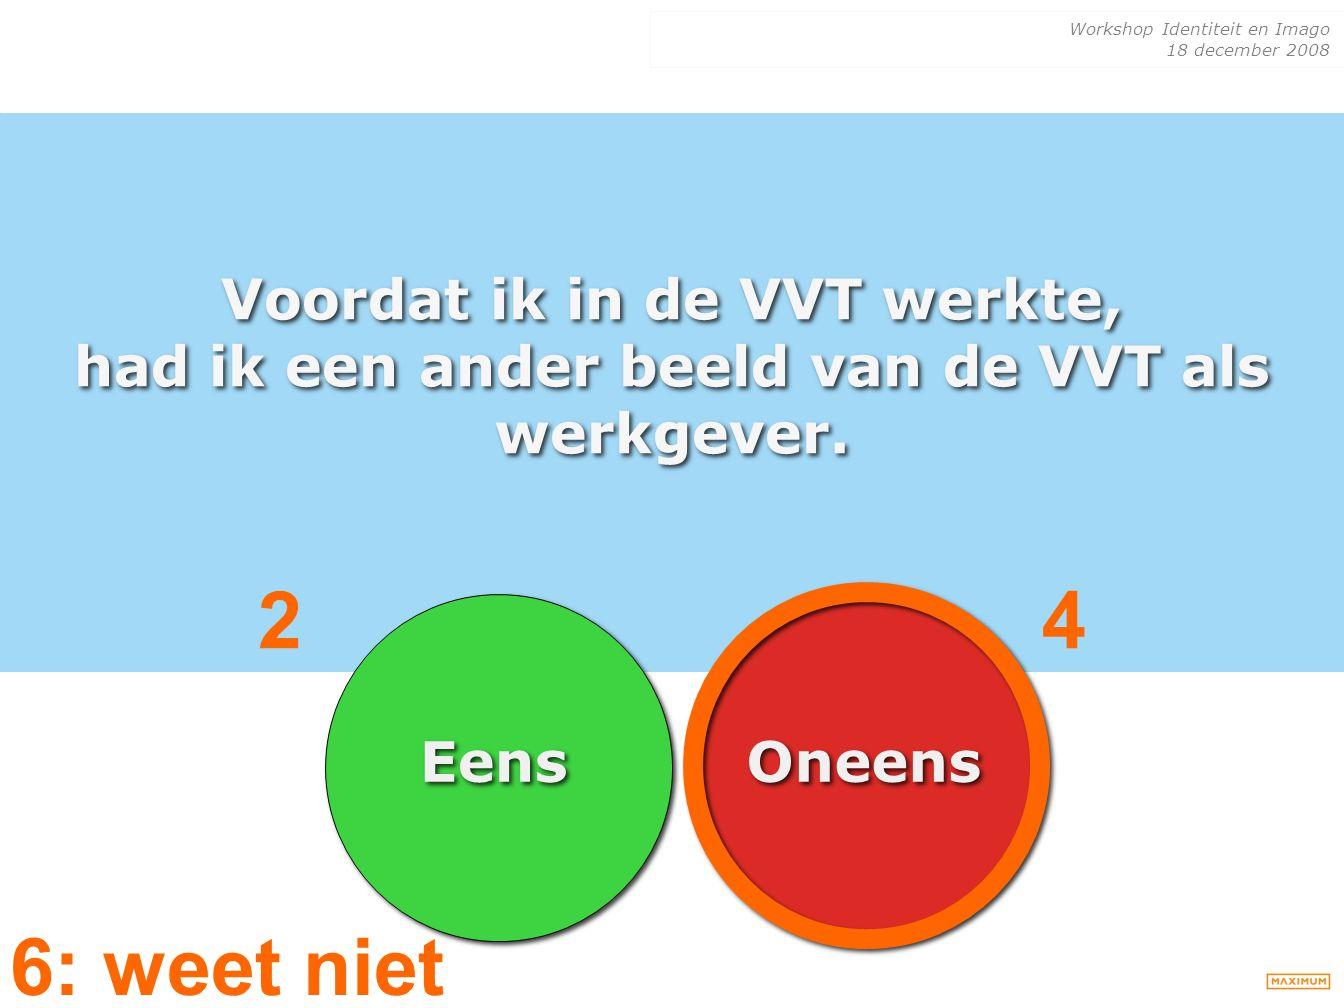 Workshop Identiteit en Imago 18 december 2008 Voordat ik in de VVT werkte, had ik een ander beeld van de VVT als werkgever. Eens Oneens 24 6: weet nie